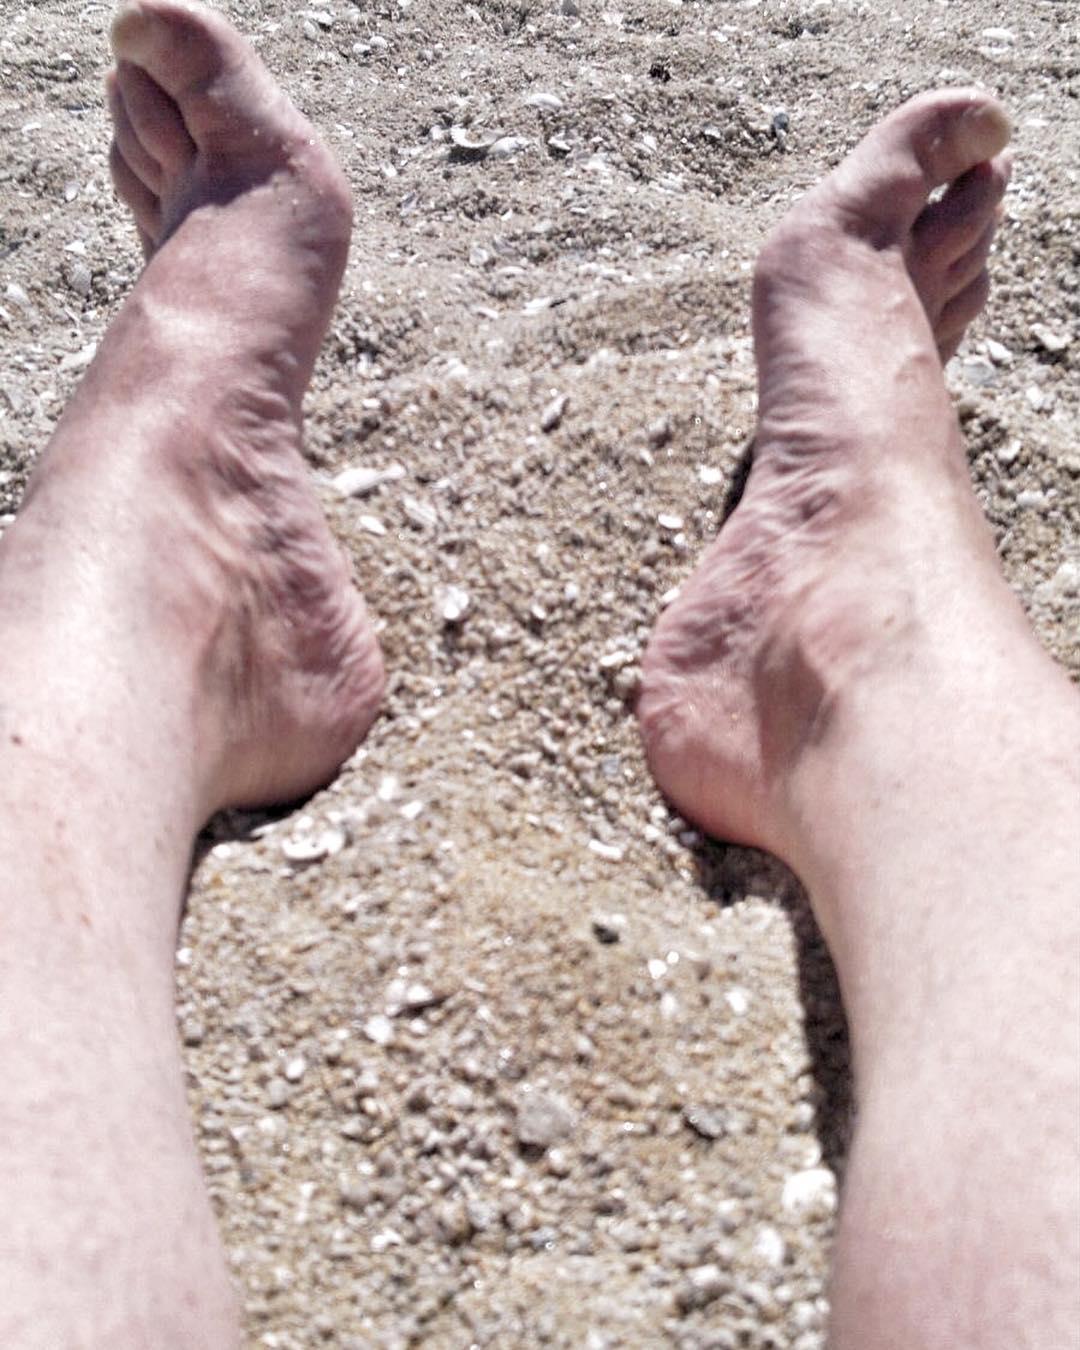 1471557051 - Que sería un verano sin pies - Que Sería Un Verano Sin Pies